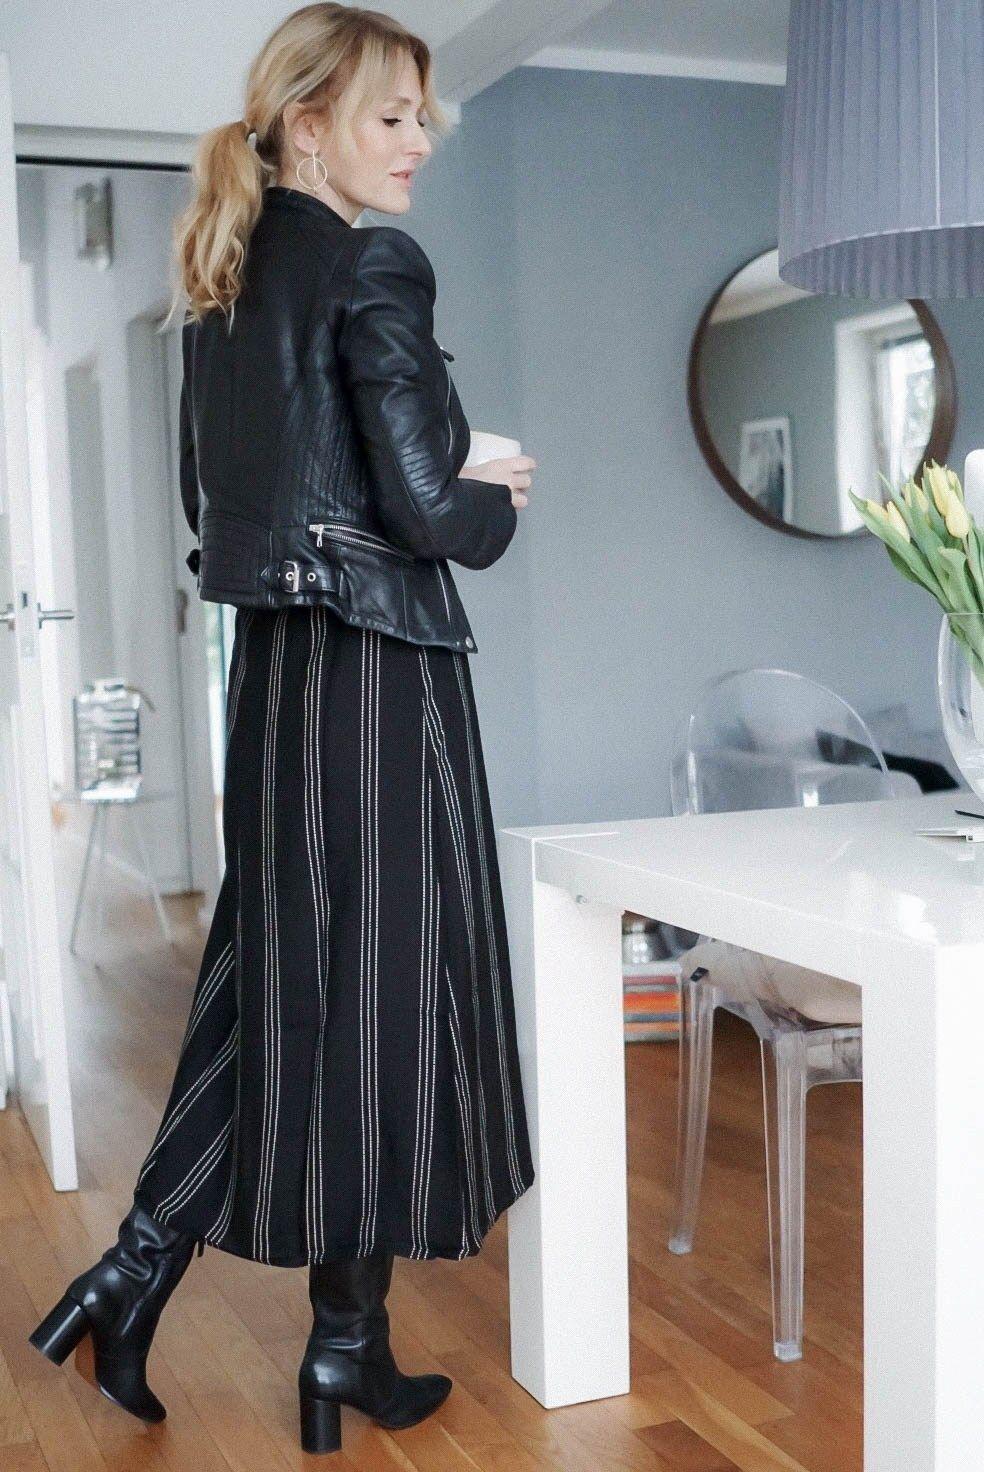 mode kombinieren-midikleid im winter zu stiefeln-kleid von